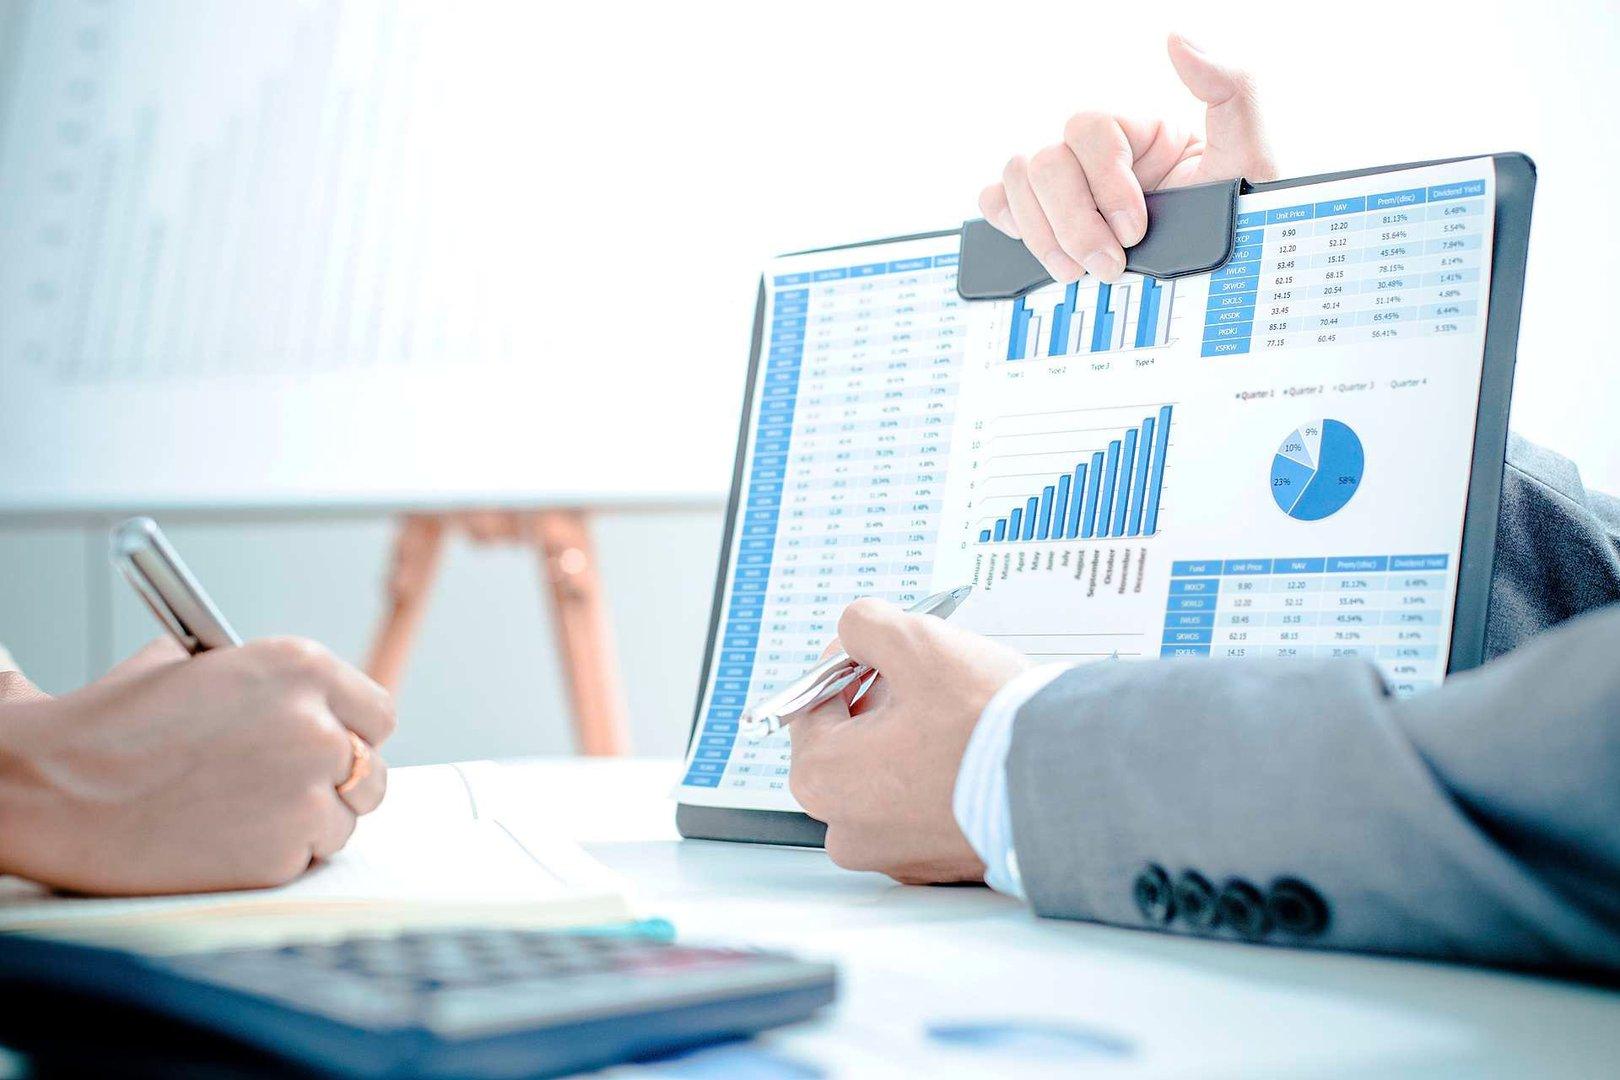 Как получить грант на развитие малого бизнеса в 2021 году — способы